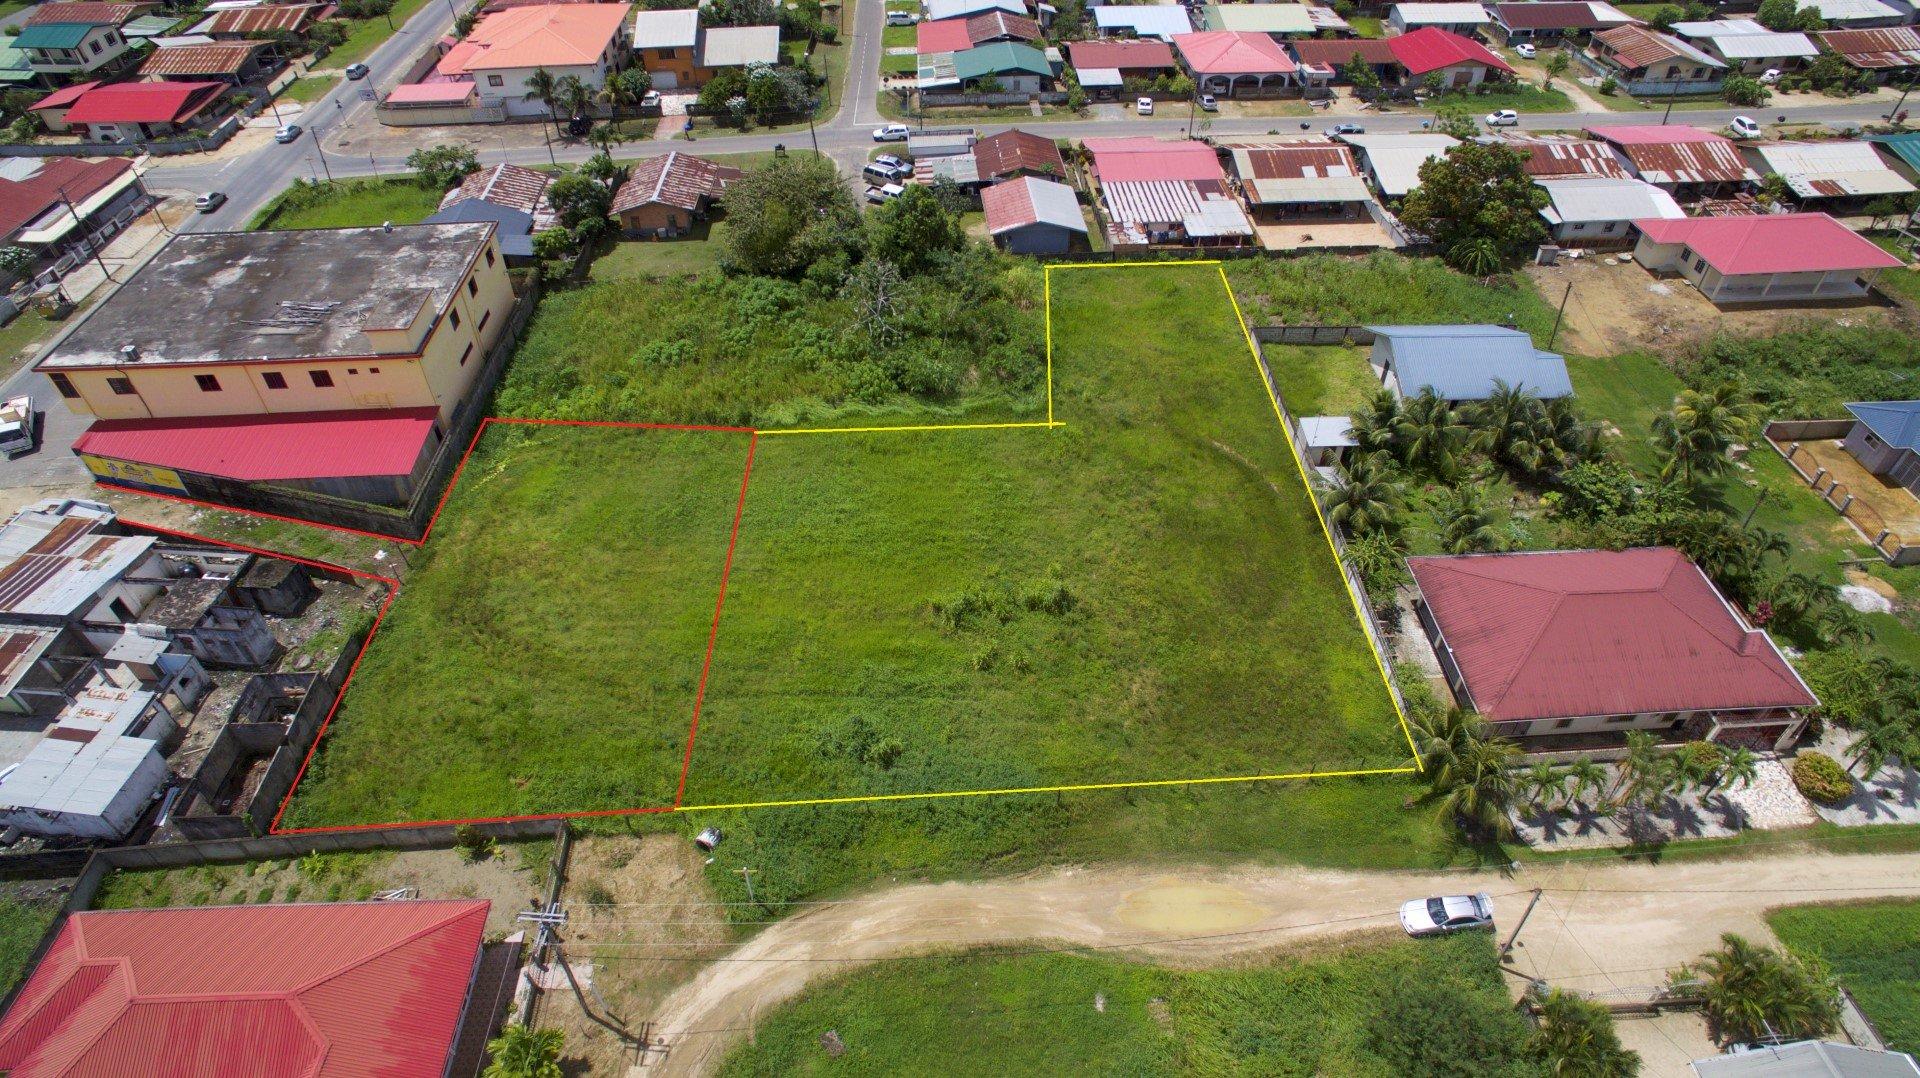 Jacobkondrestraat - Goed gelegen terrein te Kasabaholo - Surgoed Makelaardij NV - Paramaribo, Suriname